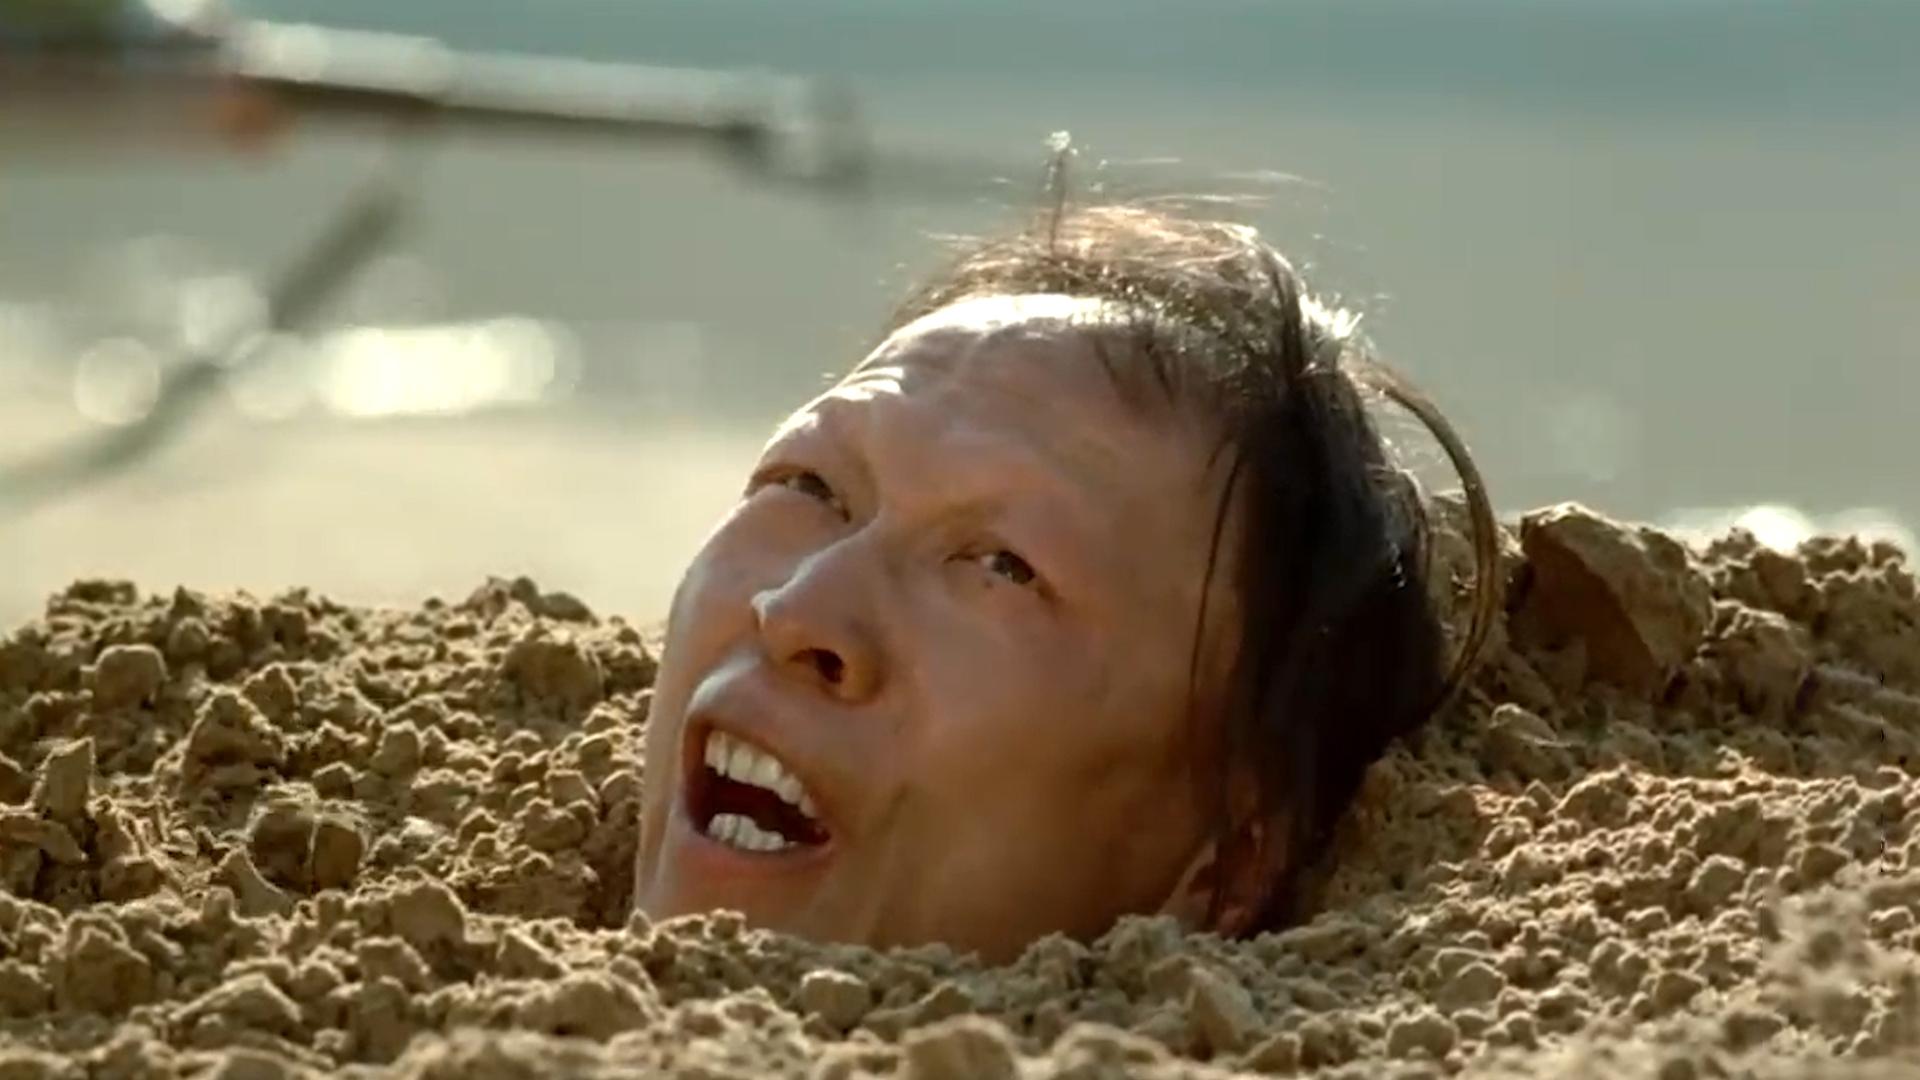 中国最好的抗日电影之一,上映后却备受争议,如今已被遗忘多年!《黄河绝恋》